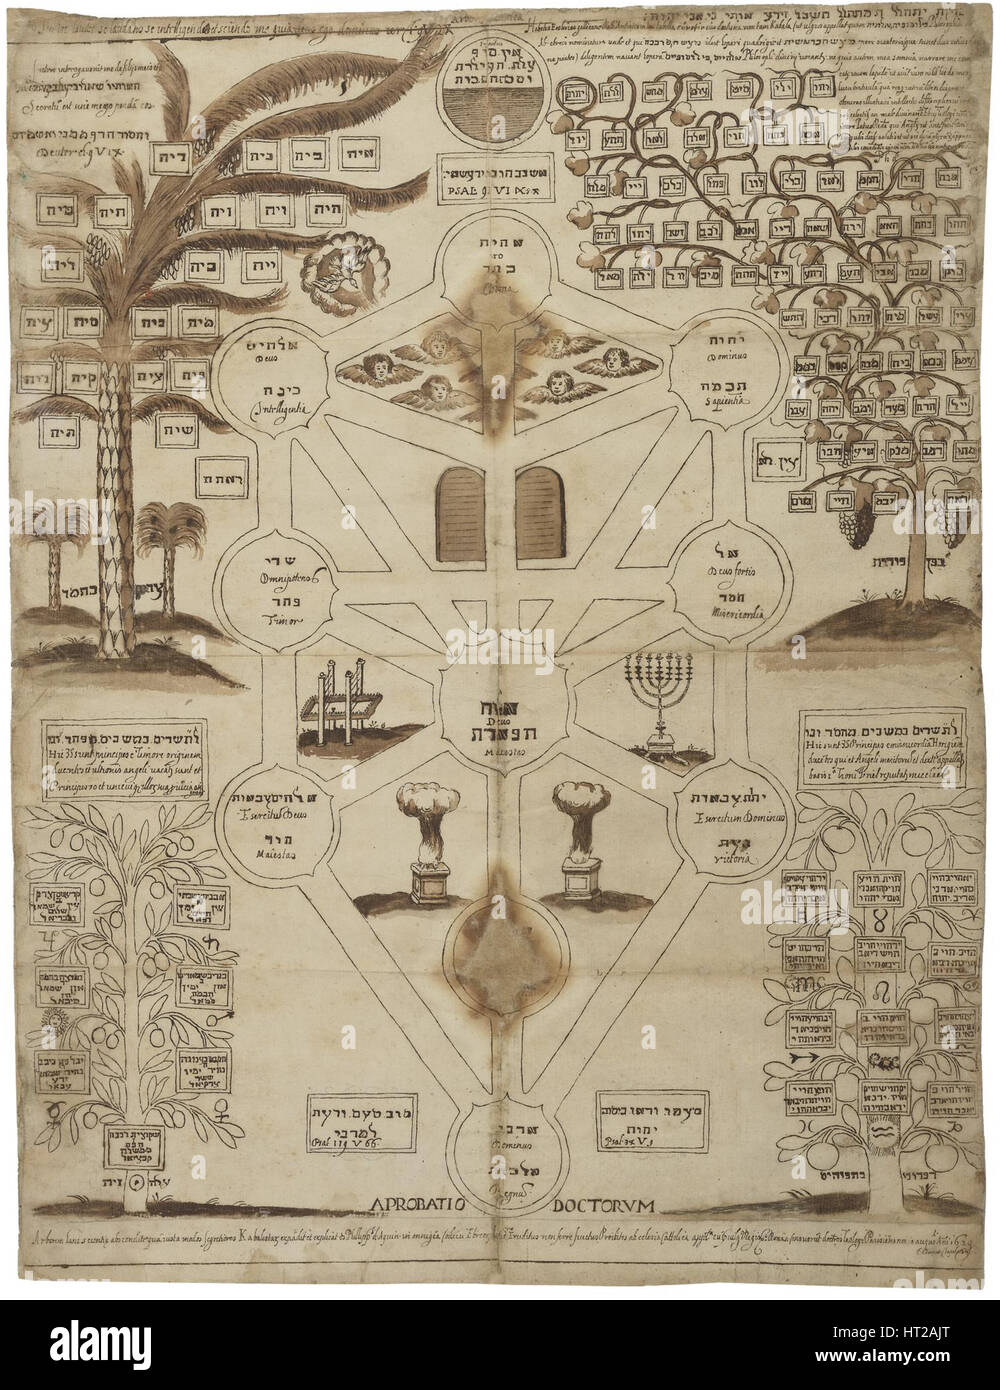 Tree Of Life Kabbalah Stock Photos & Tree Of Life Kabbalah Stock